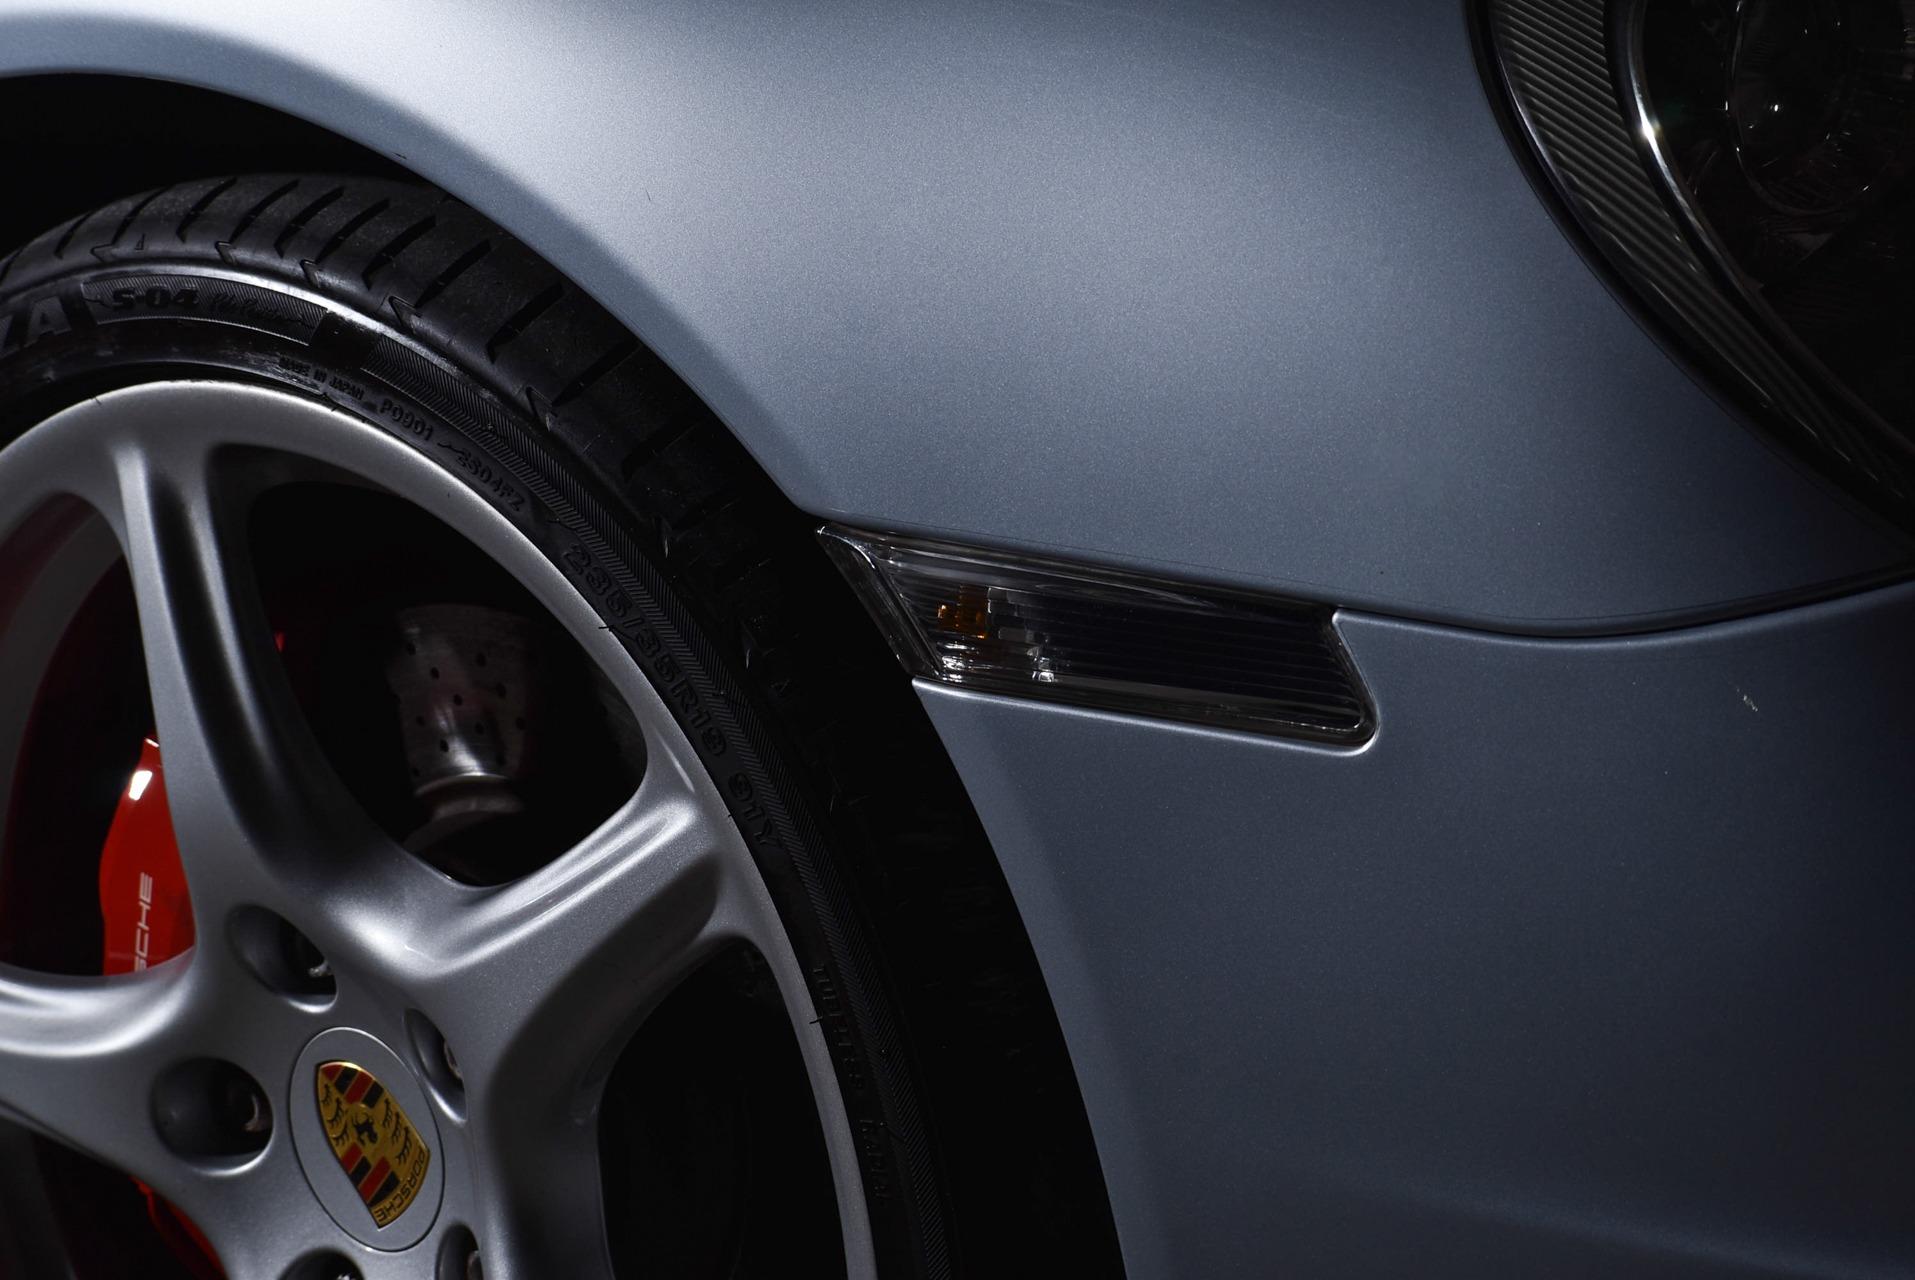 Used 2006 Porsche 911 Carrera S | Valley Stream, NY